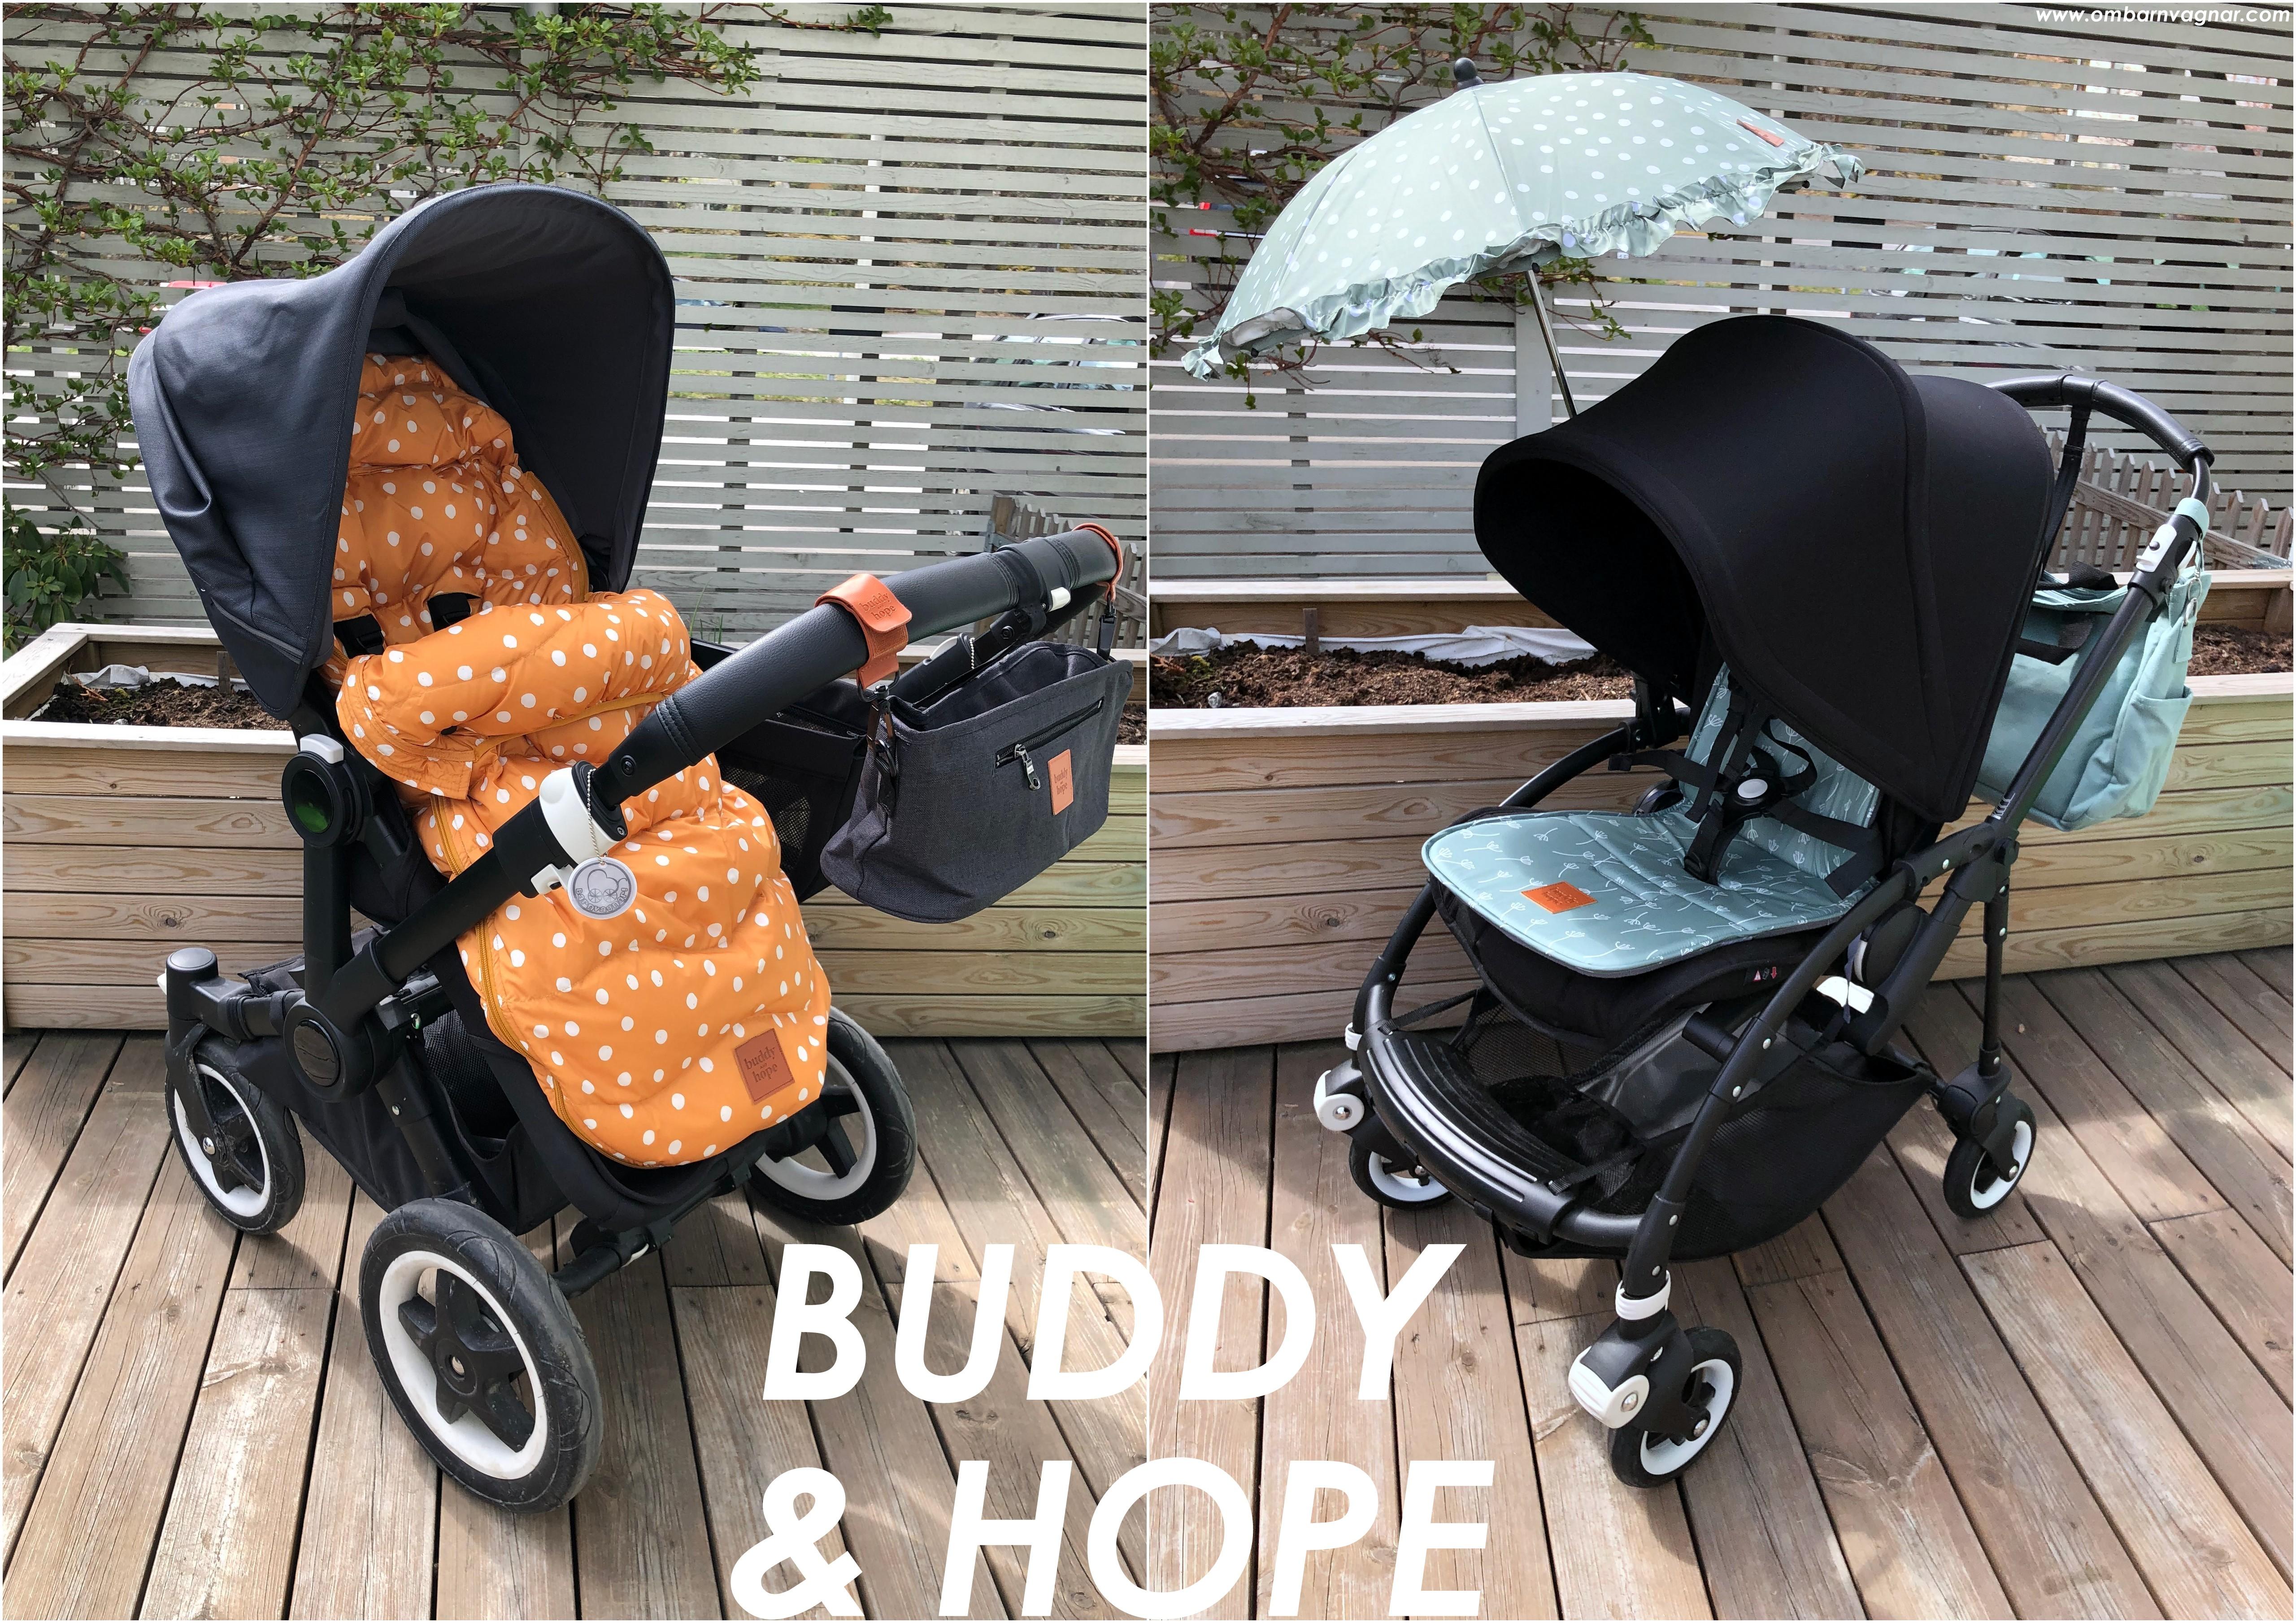 Buddy & Hope barnvagnstillbehör